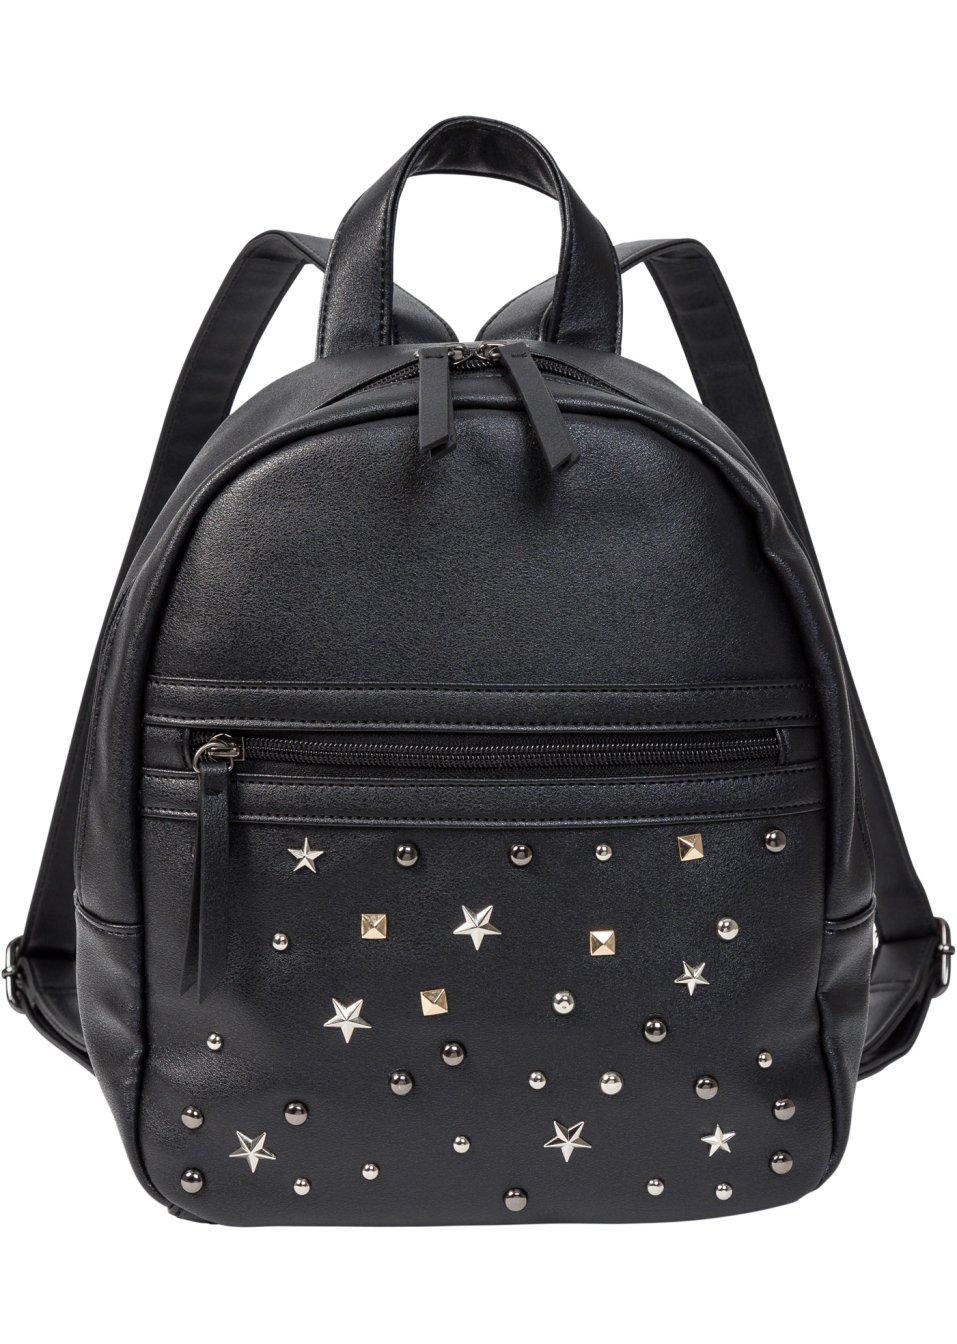 mini rucksack mit nieten schwarz silberfarben bpc bonprix collection online kaufen. Black Bedroom Furniture Sets. Home Design Ideas